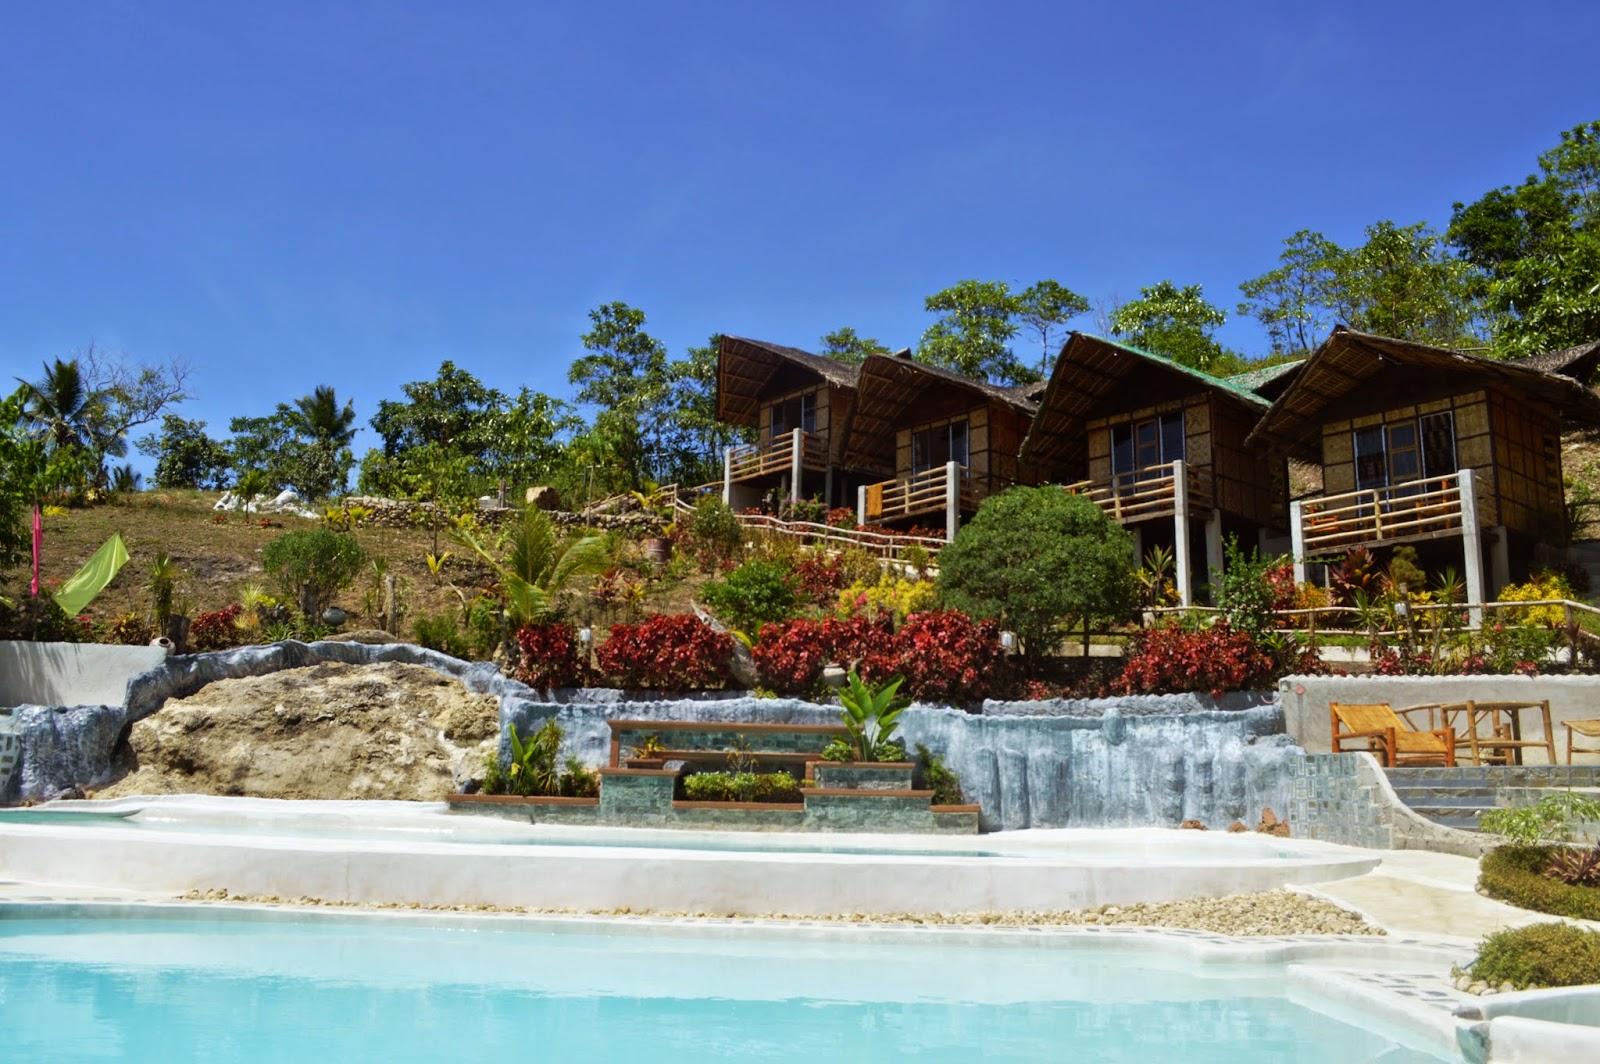 Asturias Cebu Beach Resorts